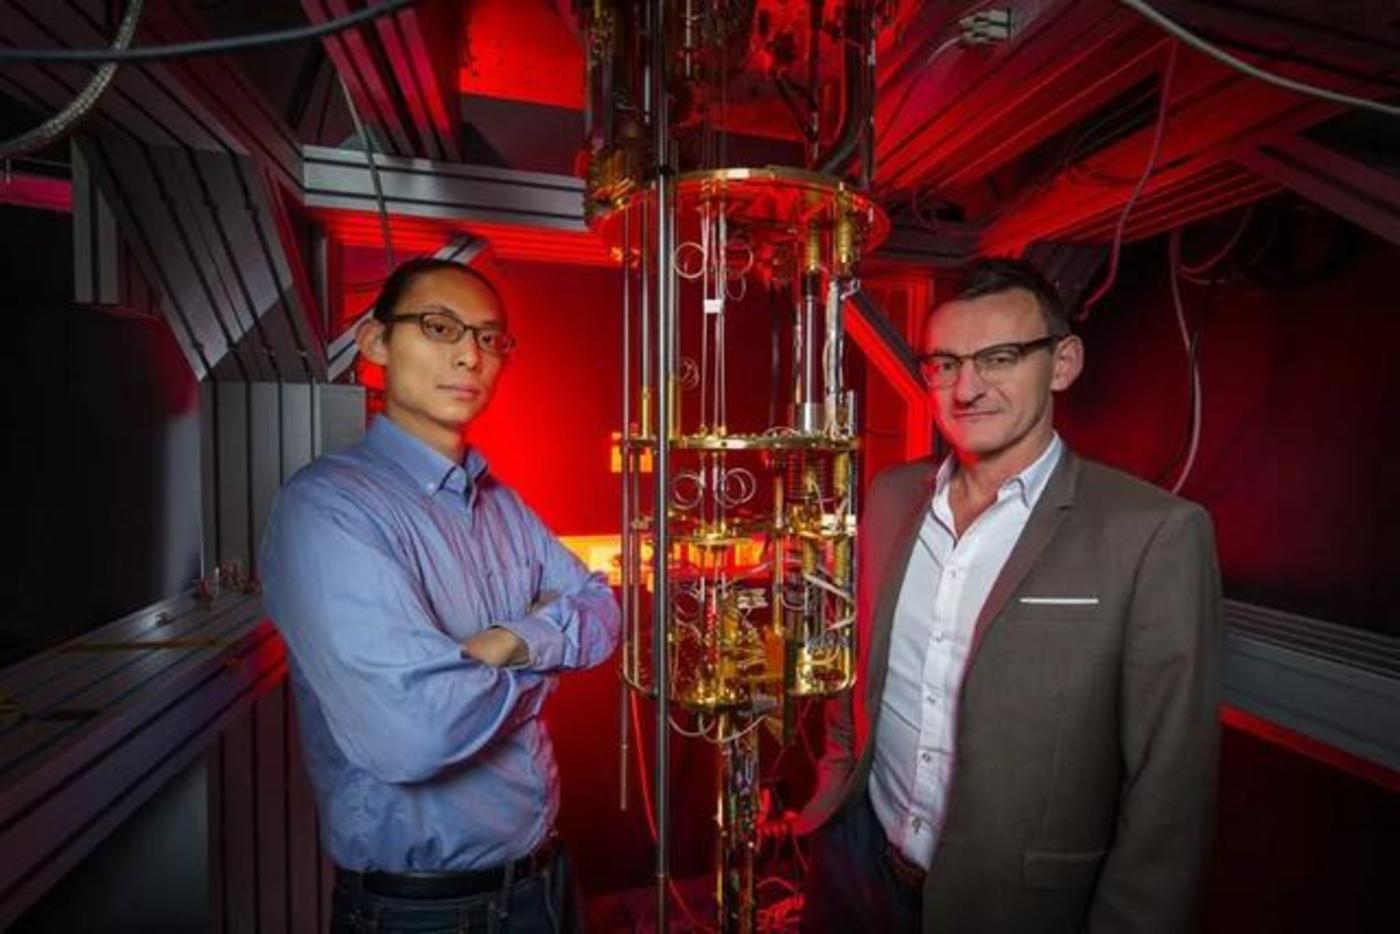 新南威尔士大学的 Andrew Dzurak 教授(右)